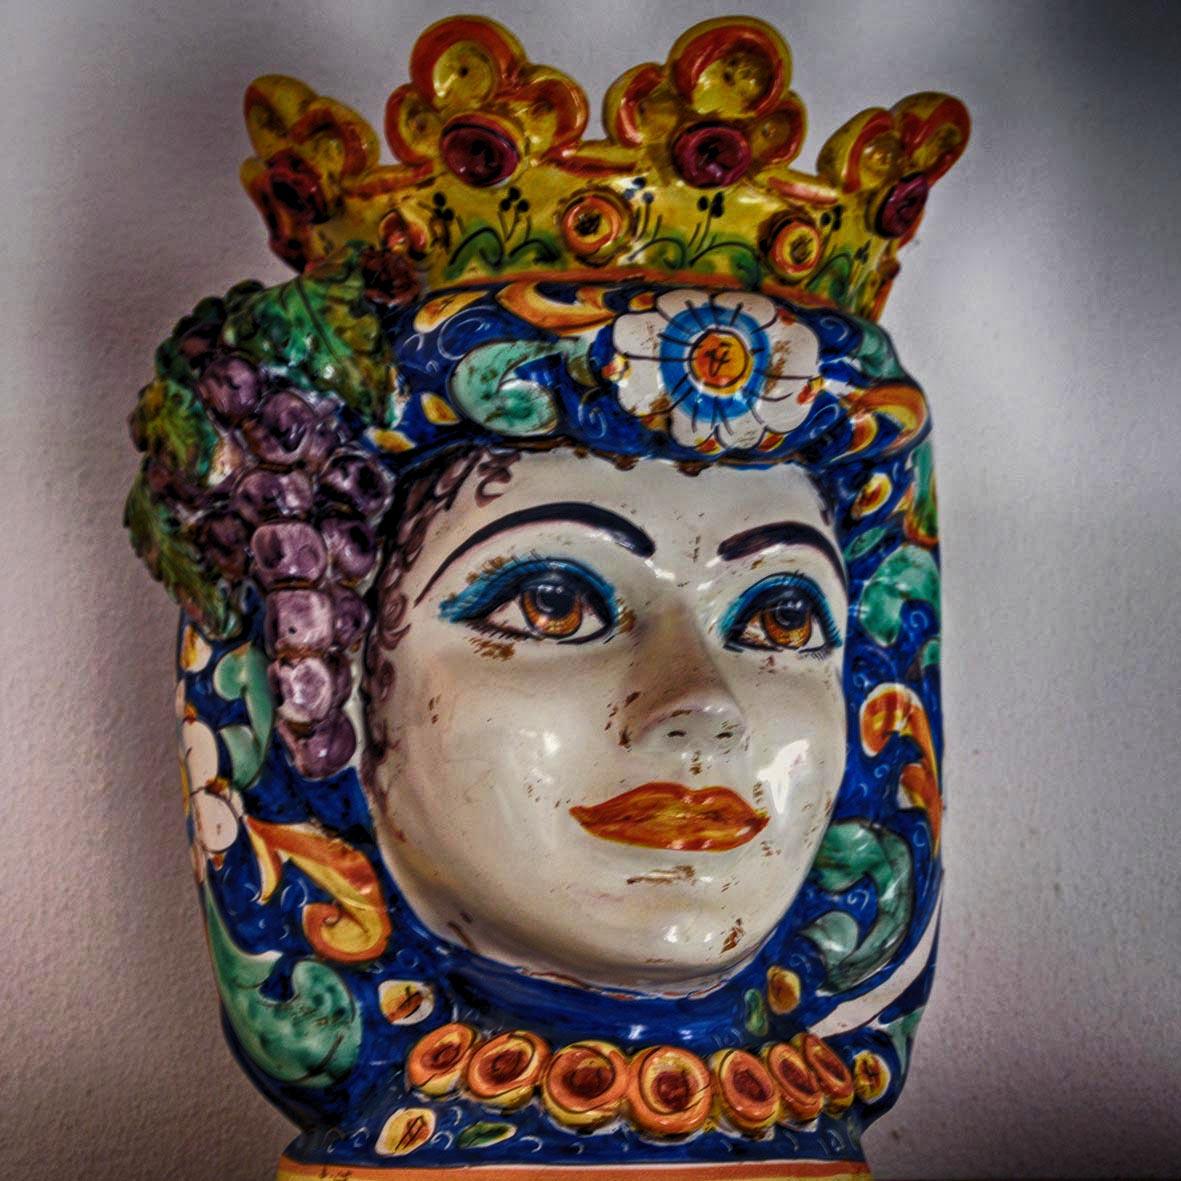 Di Mori, vasi e ceramiche: il tesoro barocco di Caltagirone